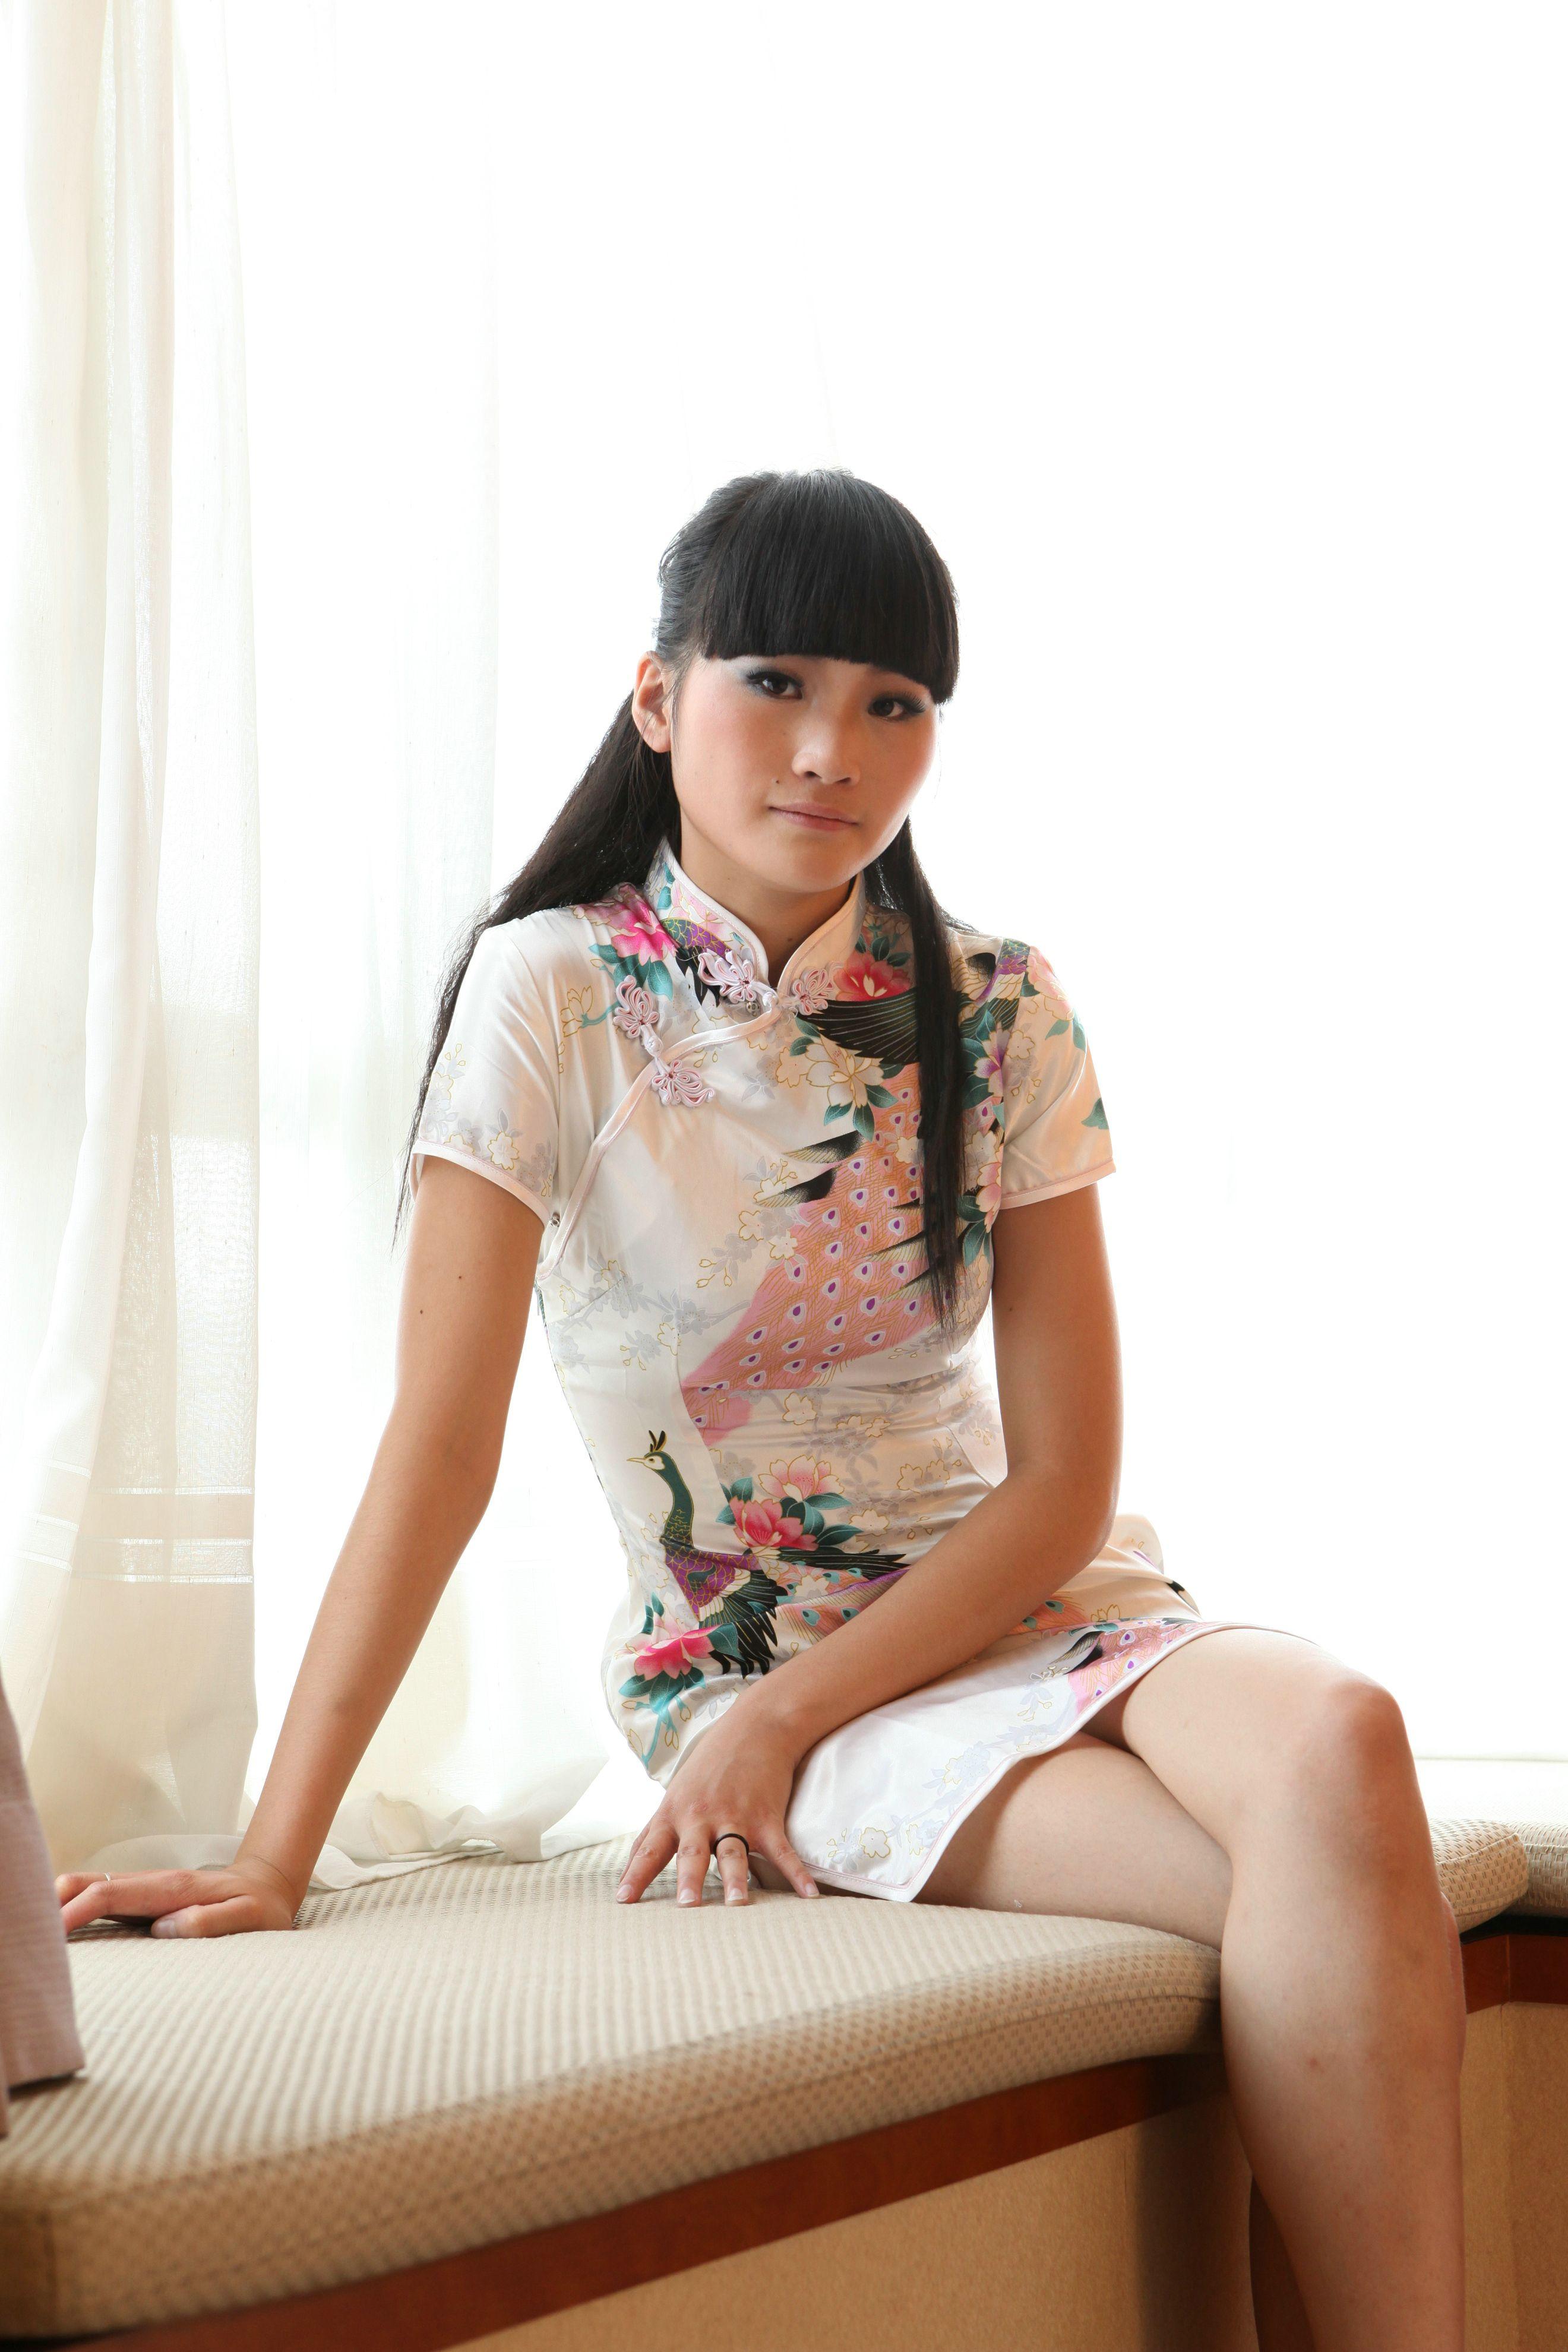 仙云Xianyun旅拍 - 貼圖 - 清涼寫真 -